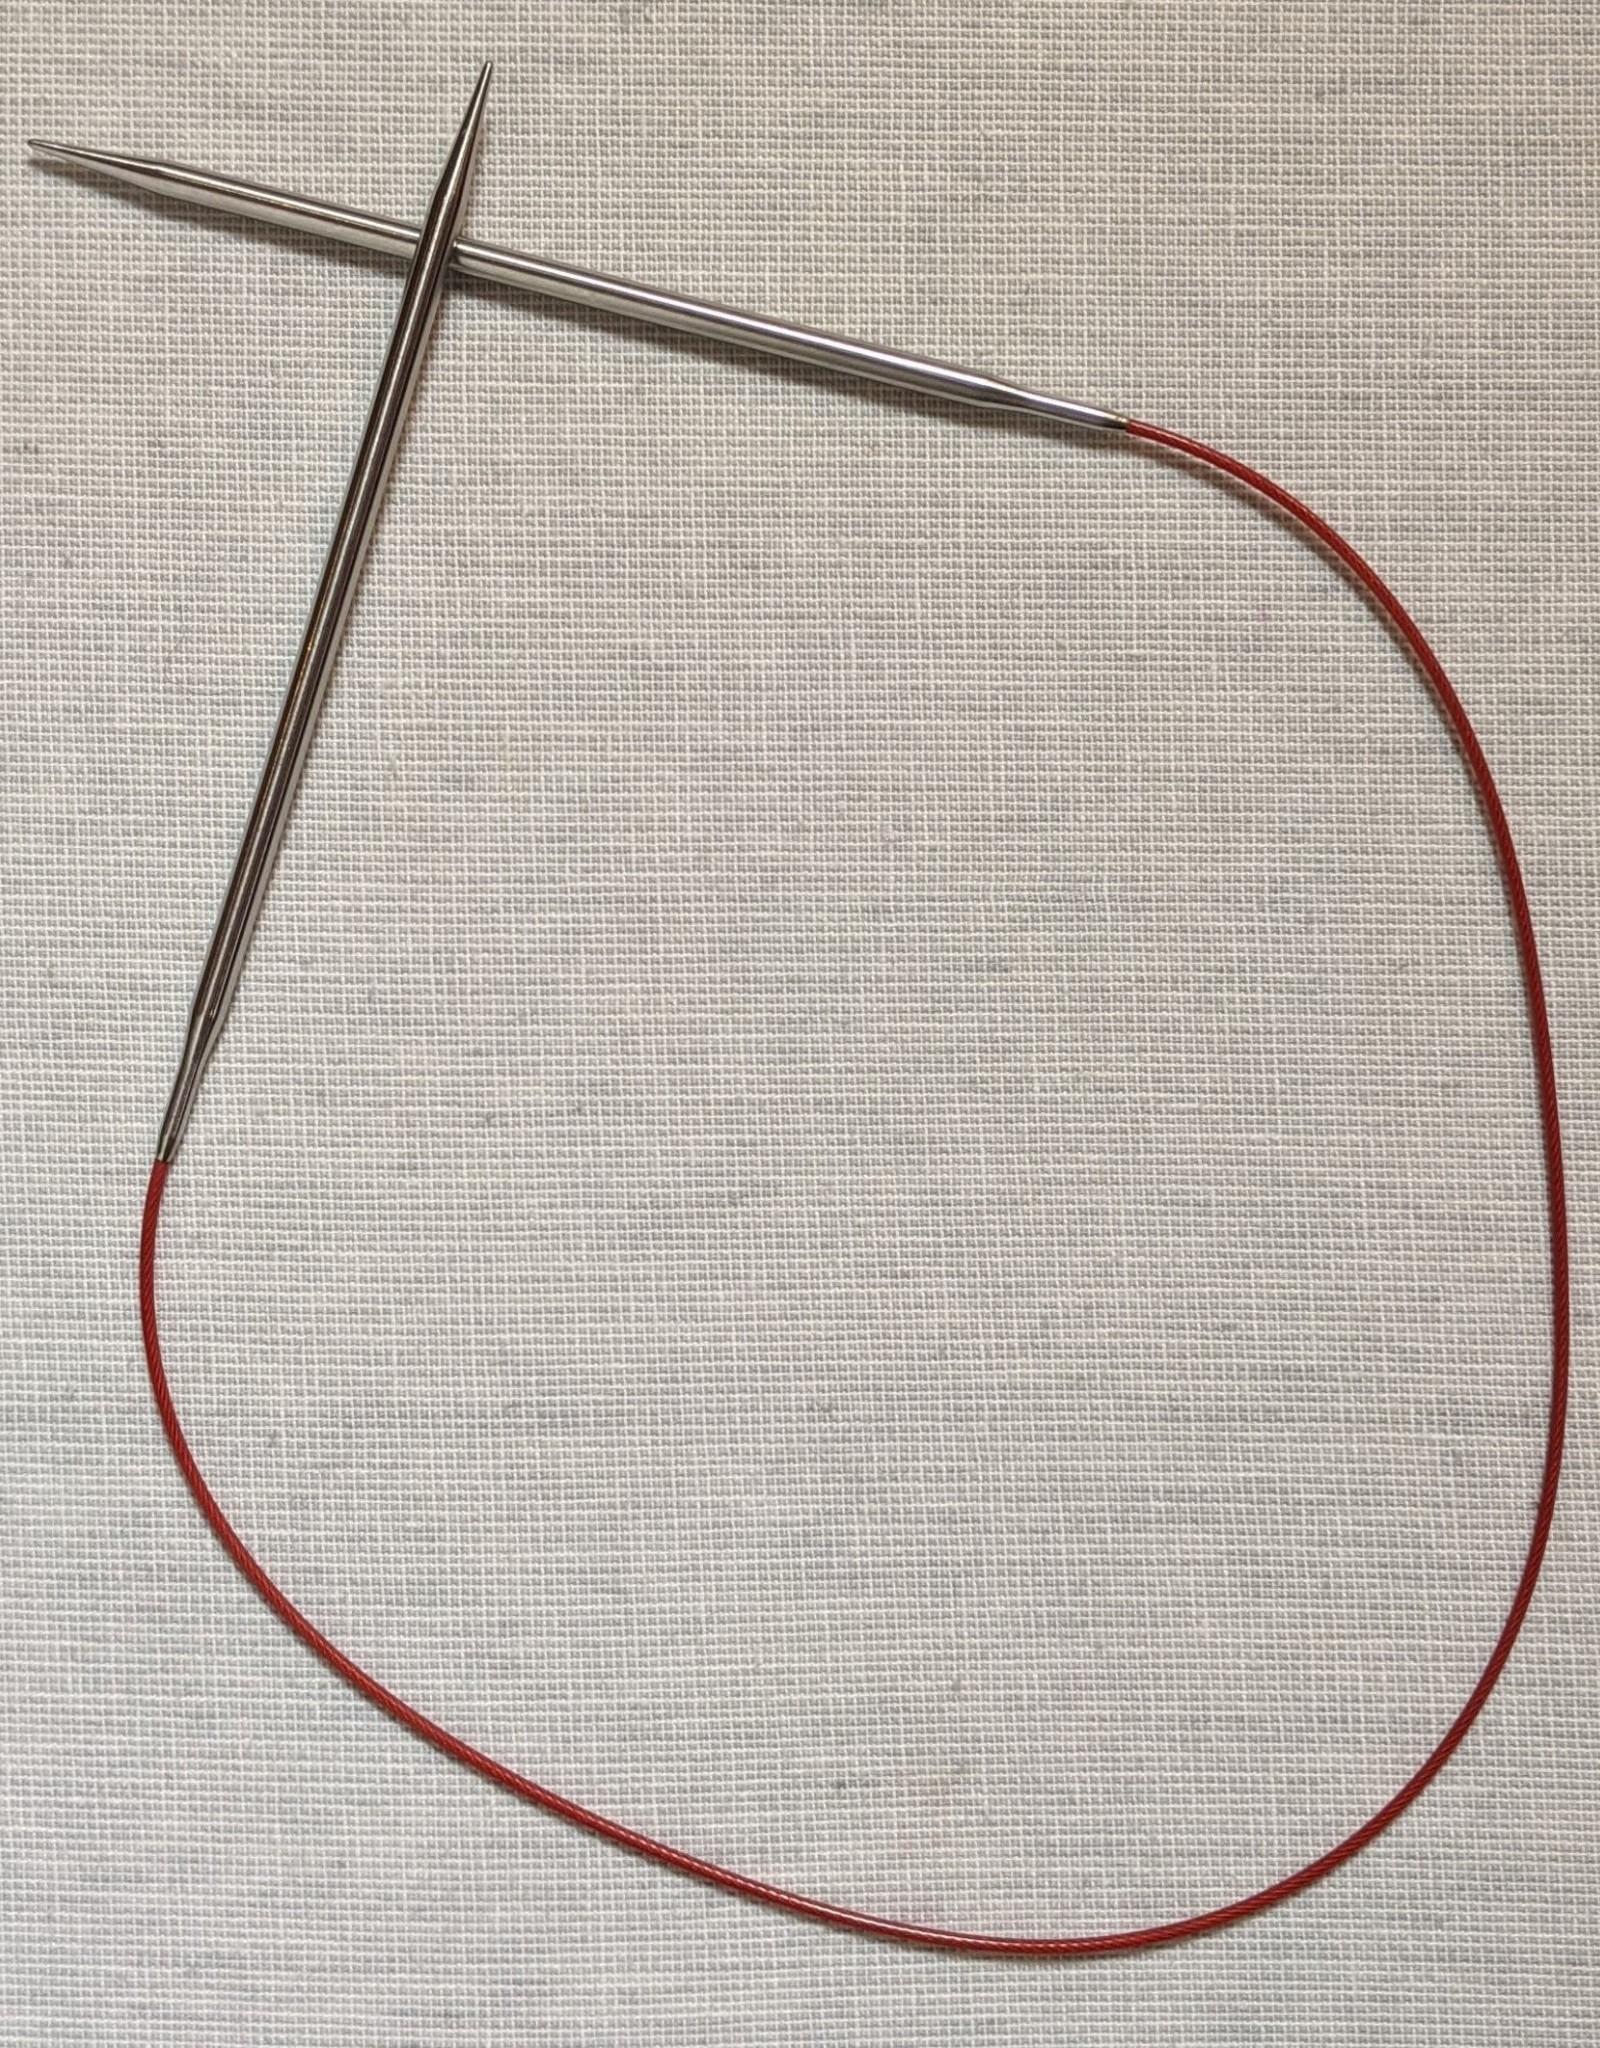 ChiaoGoo ChiaoGoo Red Lace Circular Needle